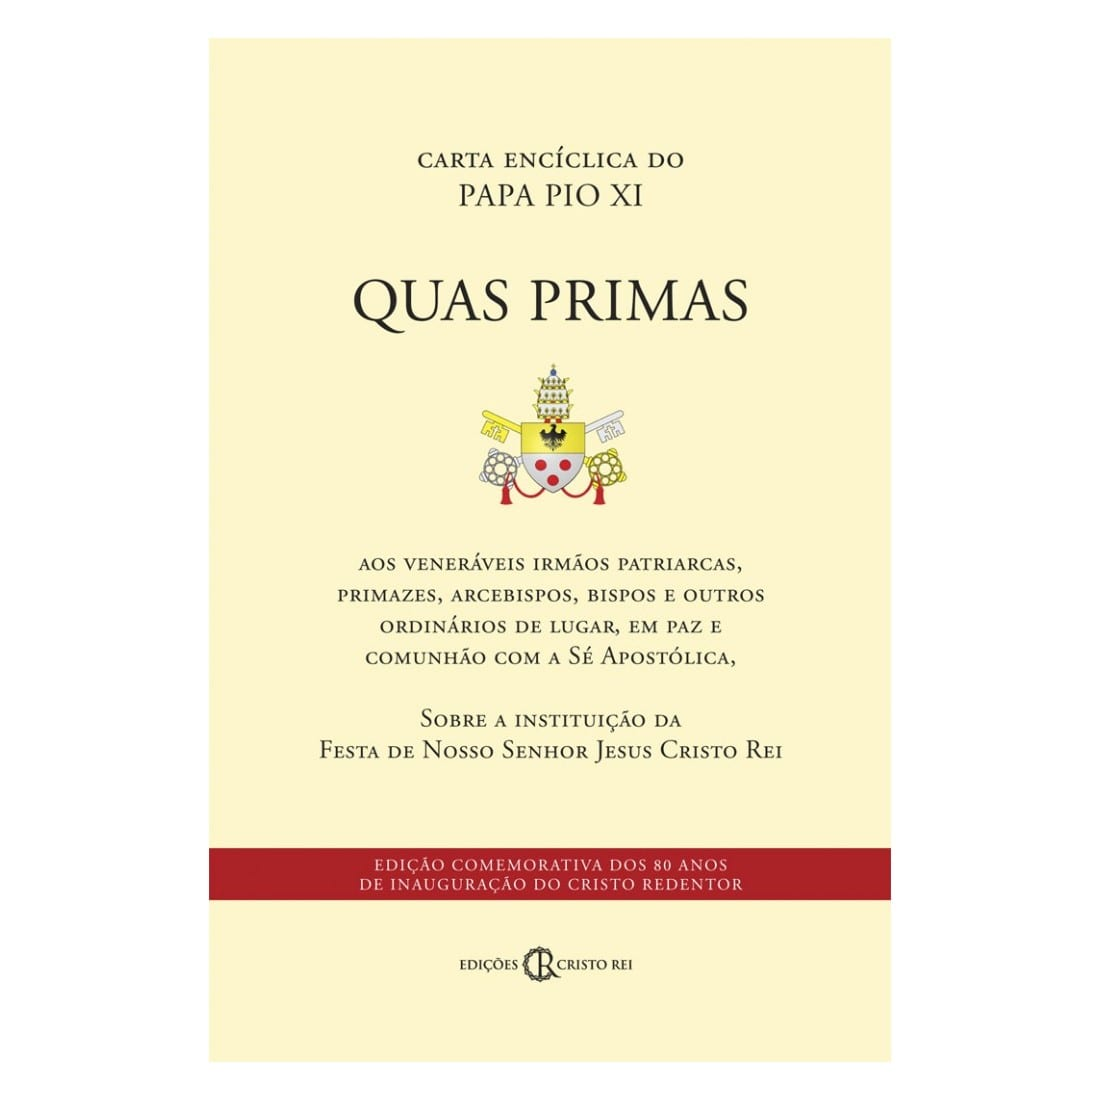 Carta Encíclica Quas Primas - Papa Pio XI